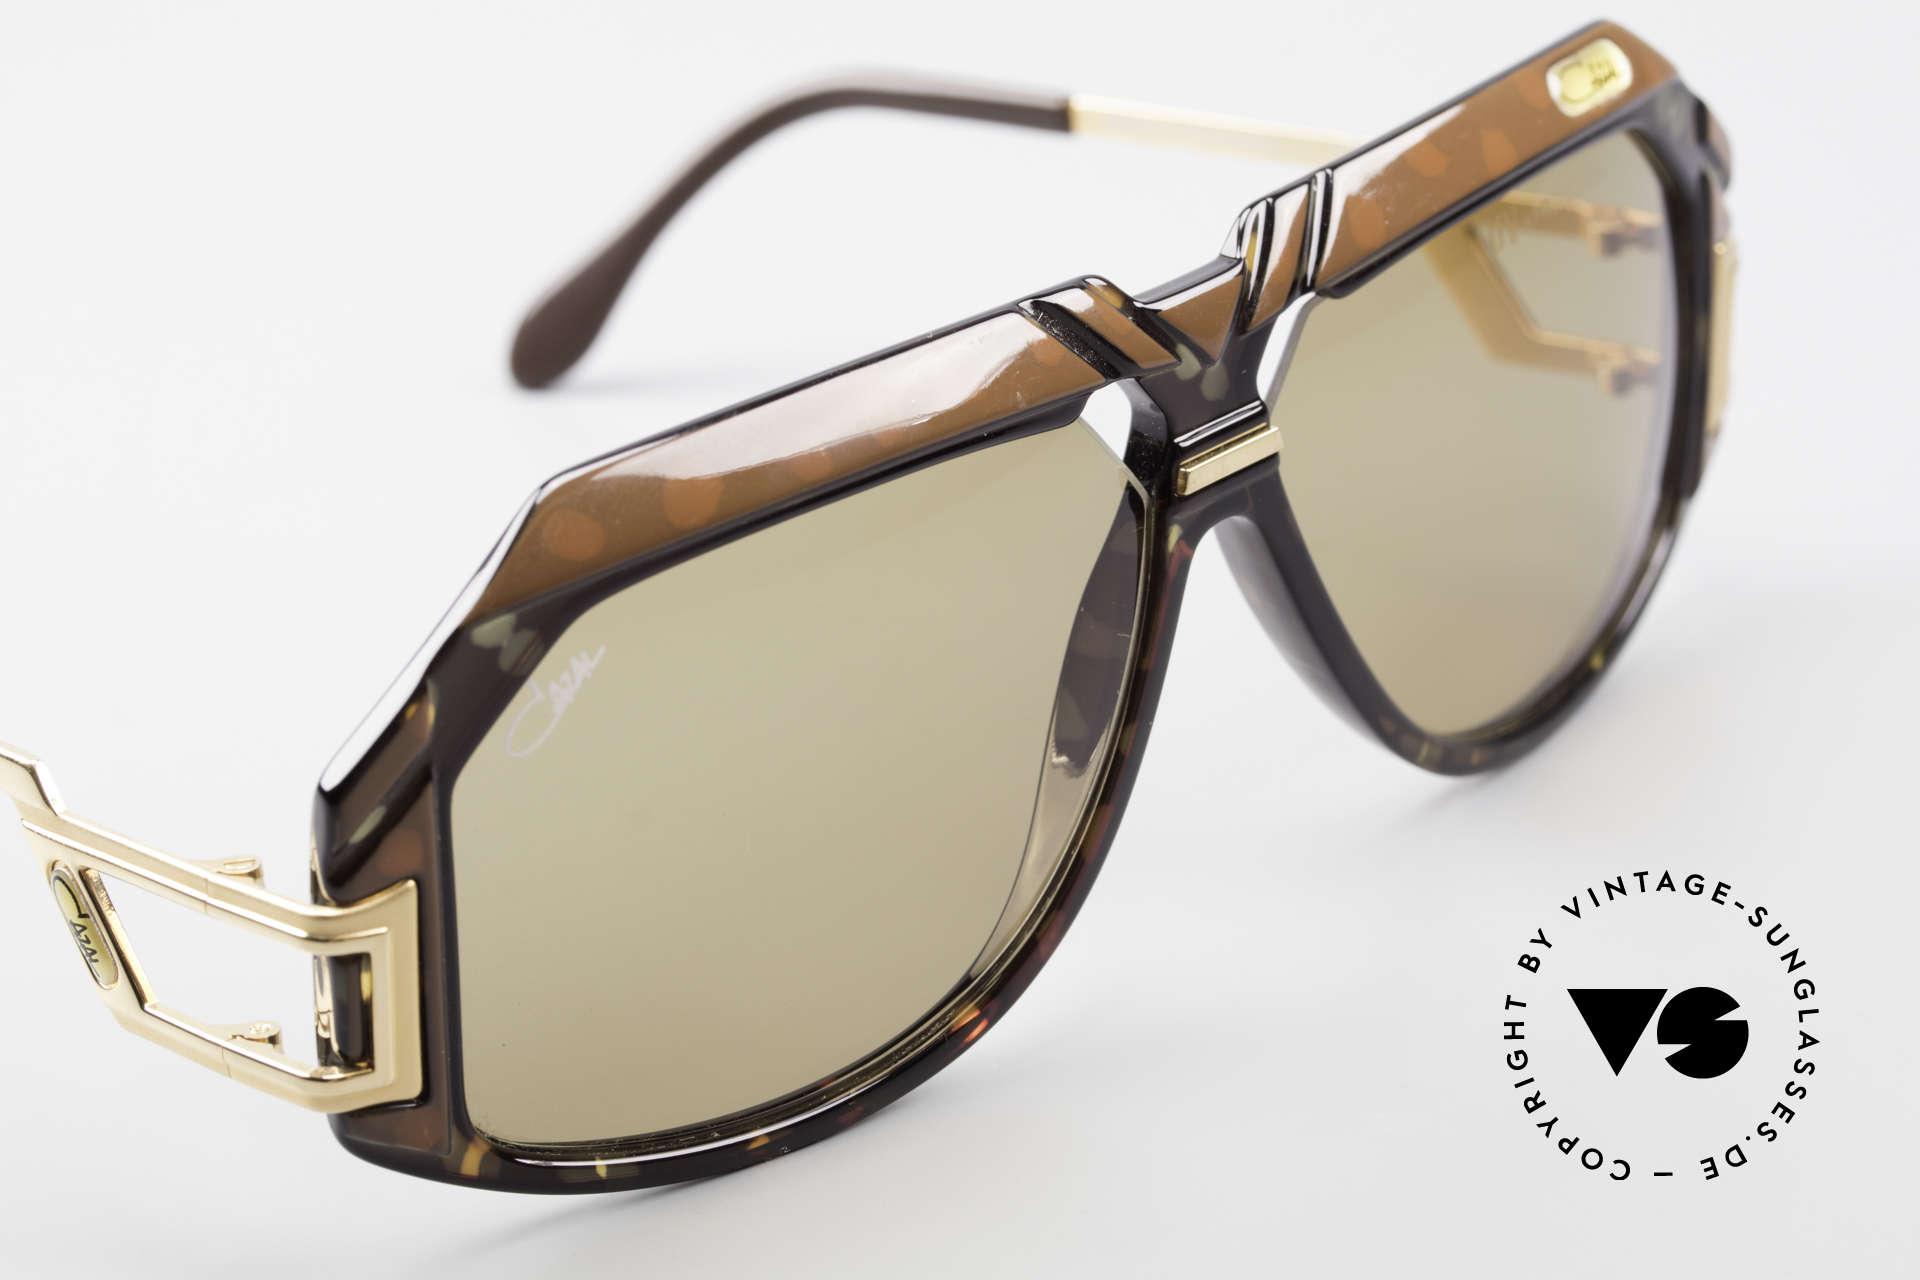 Cazal 870 Seltene 80er Designerbrille, ungetragene Rarität in einem unberührten Top-Zustand, Passend für Herren und Damen